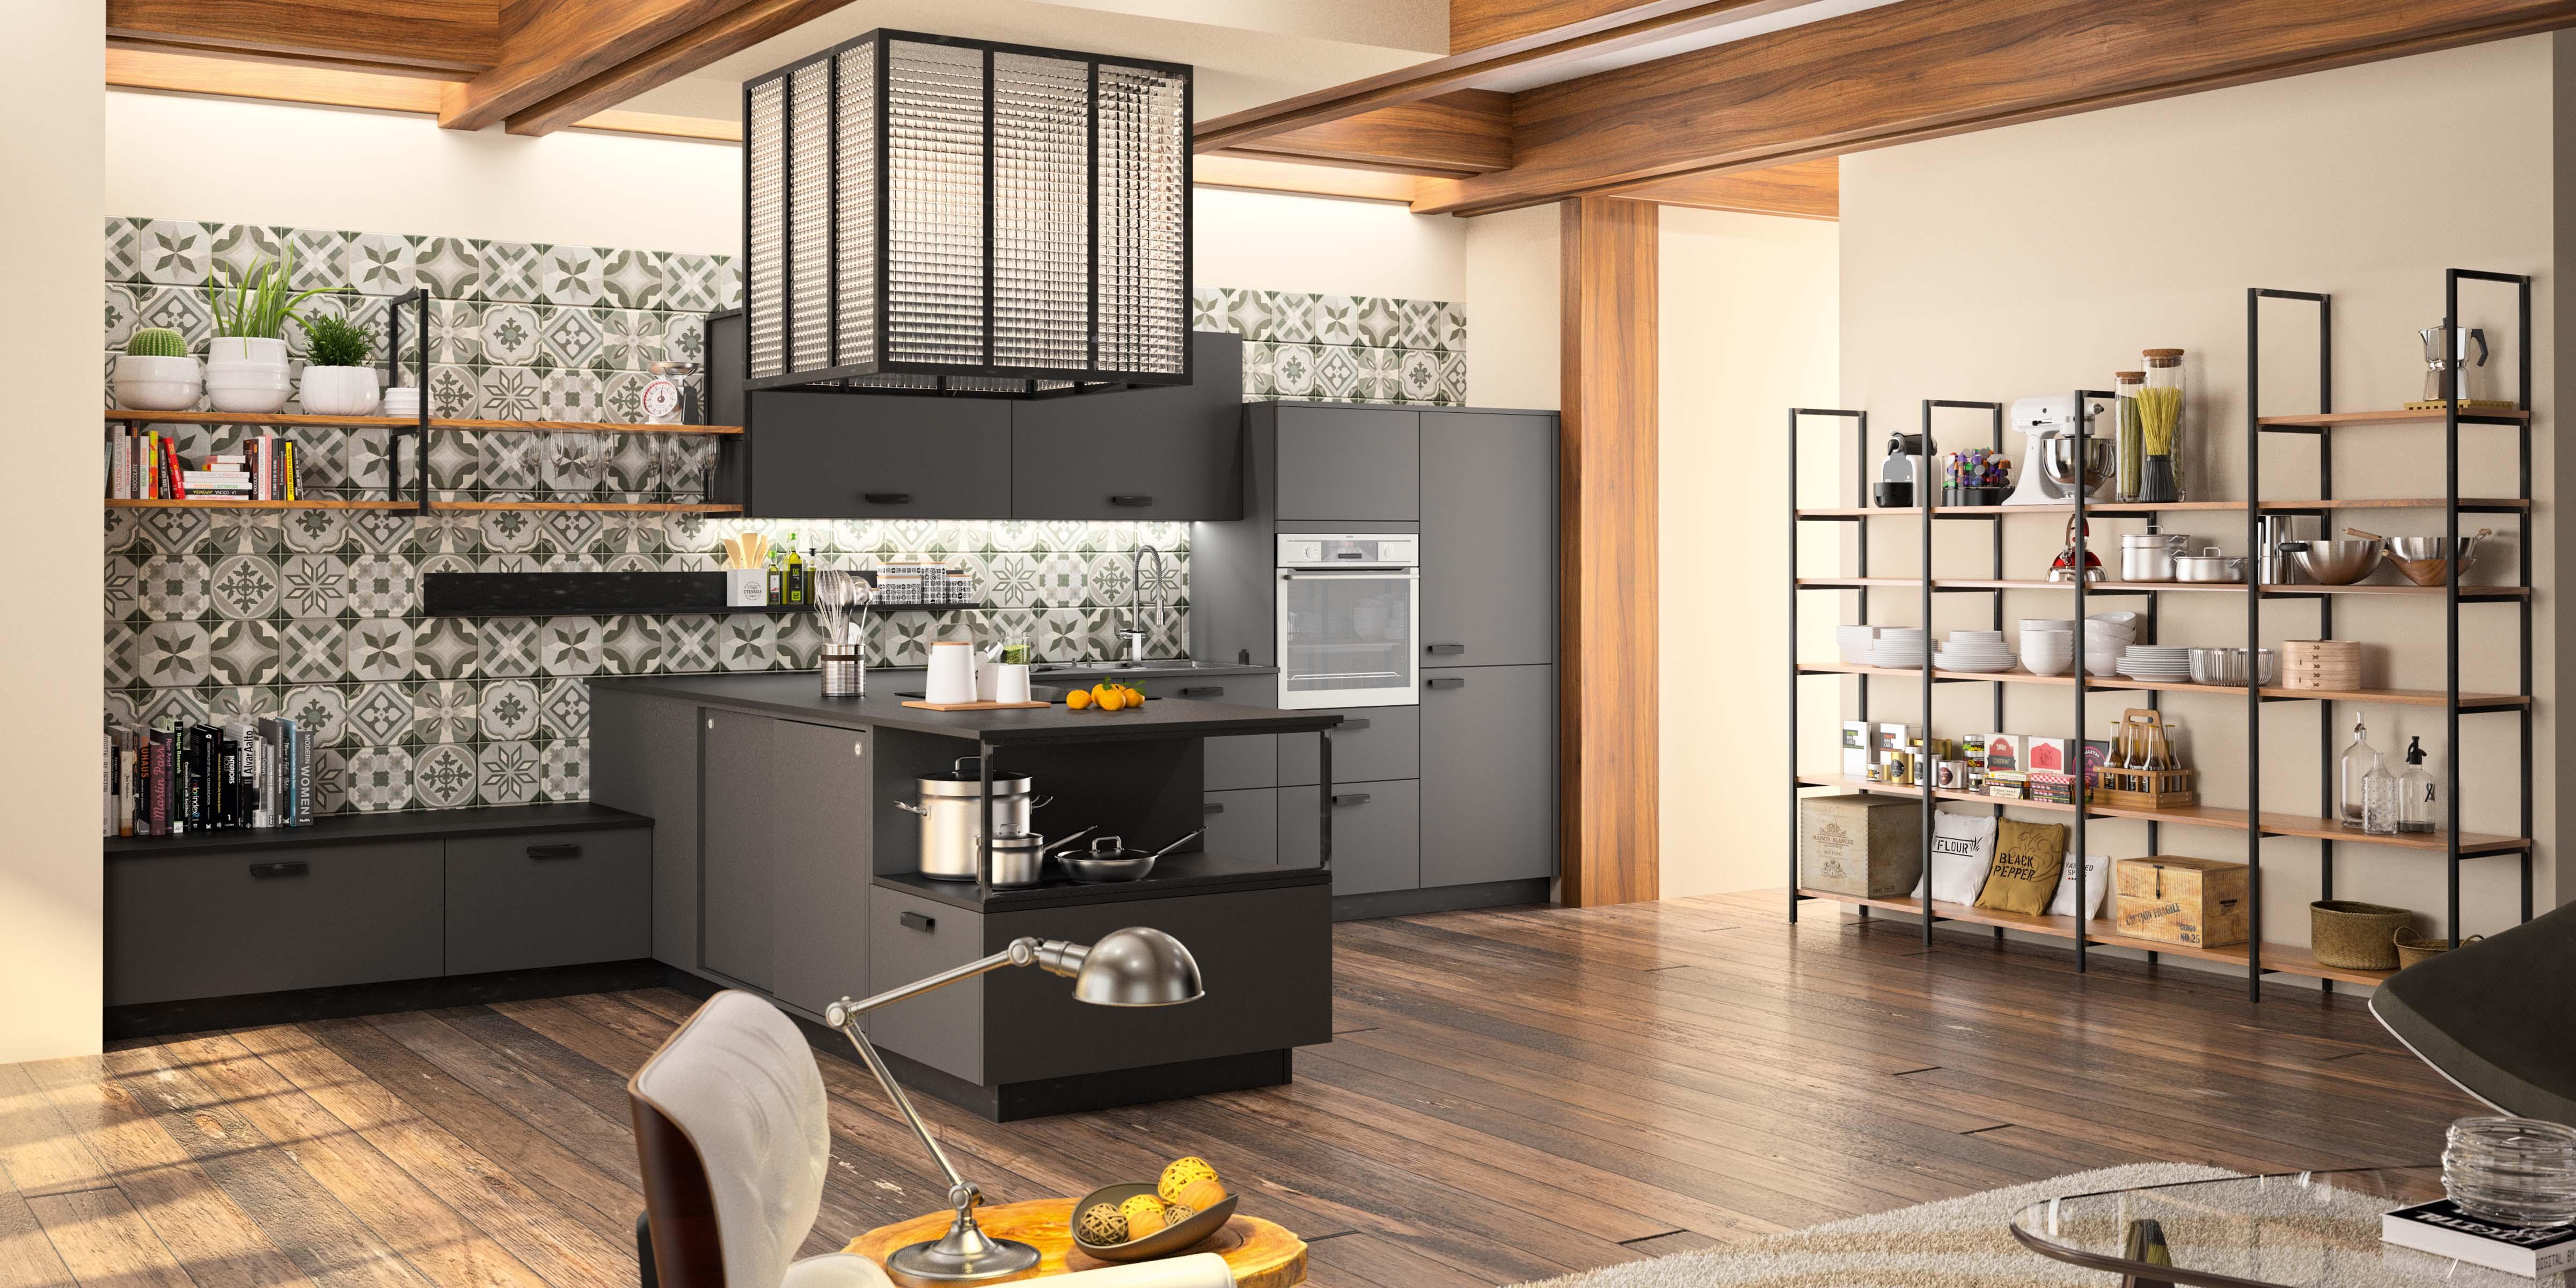 Grande cuisine contemporaine Morel meubles épurés industriel